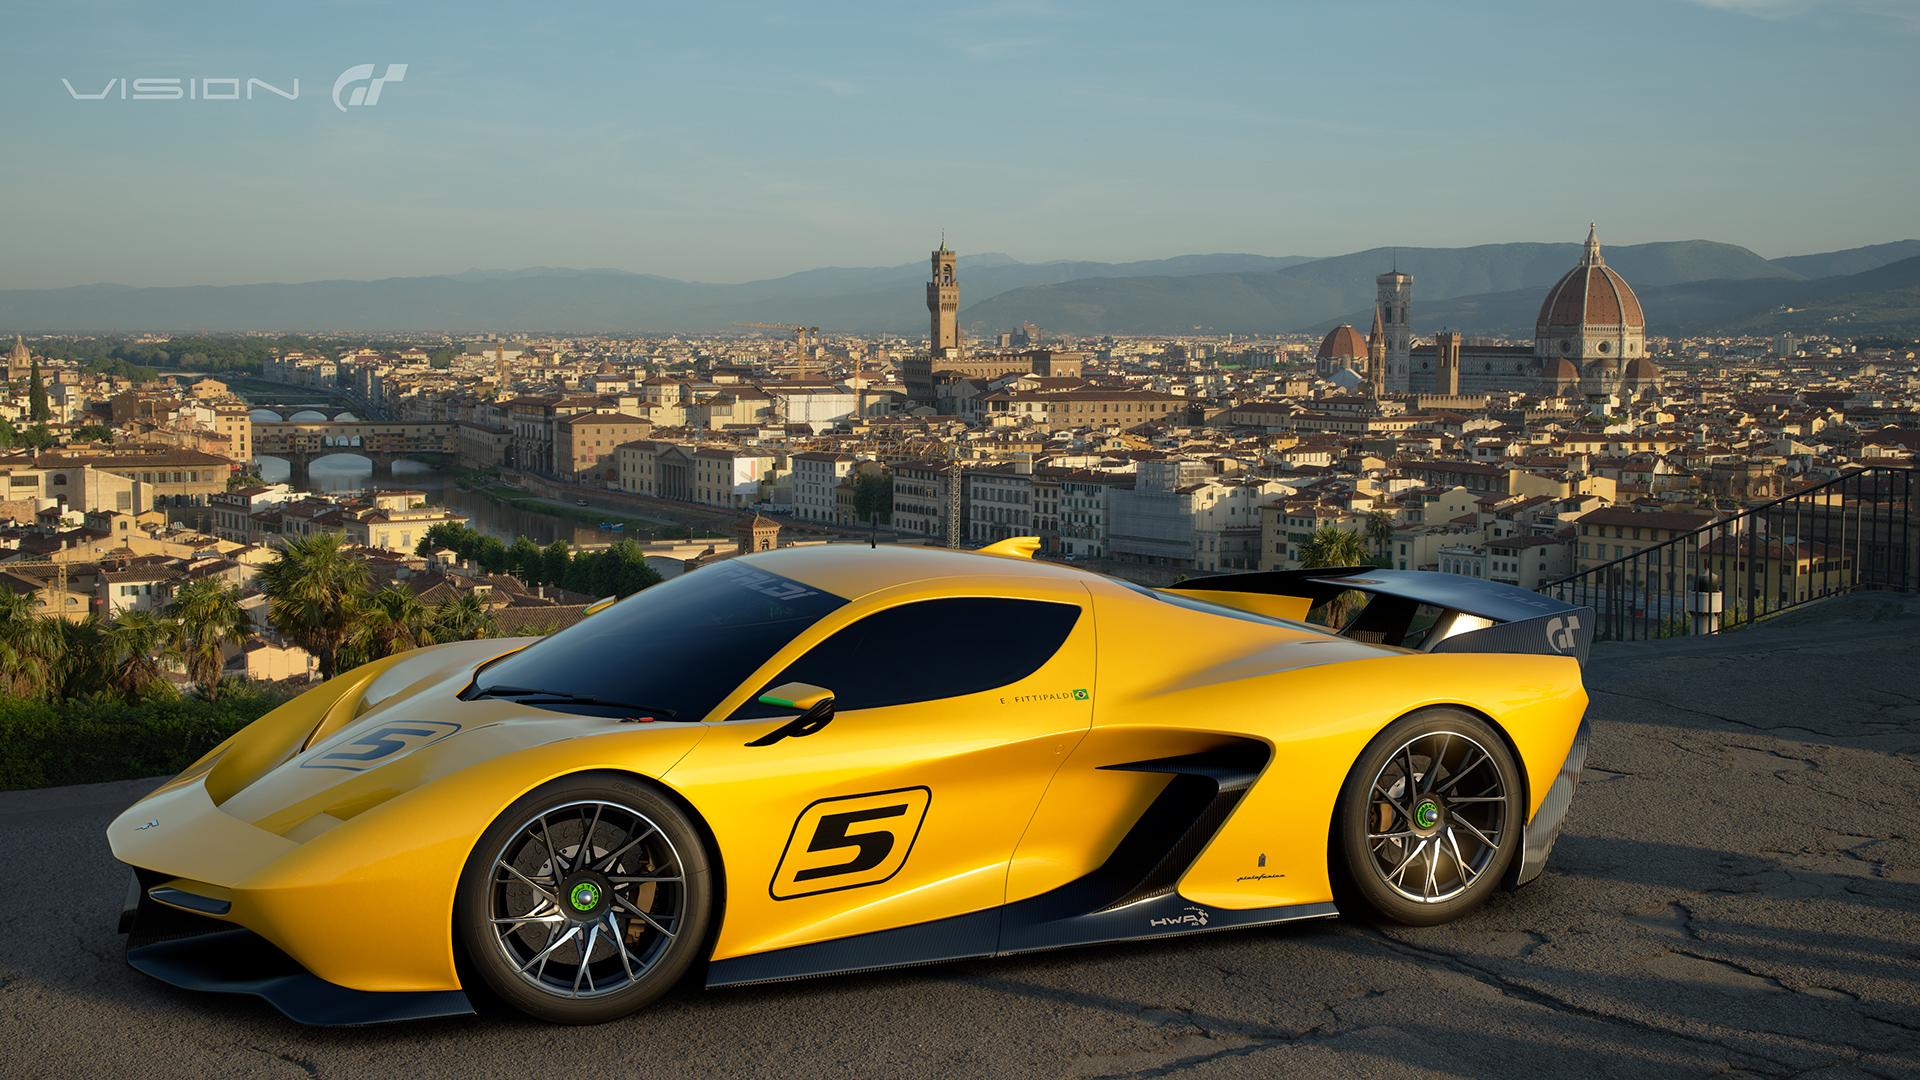 Fittipaldi EF7 Vision Gran Turismo by Pininfarina caratteristiche e scheda tecnica